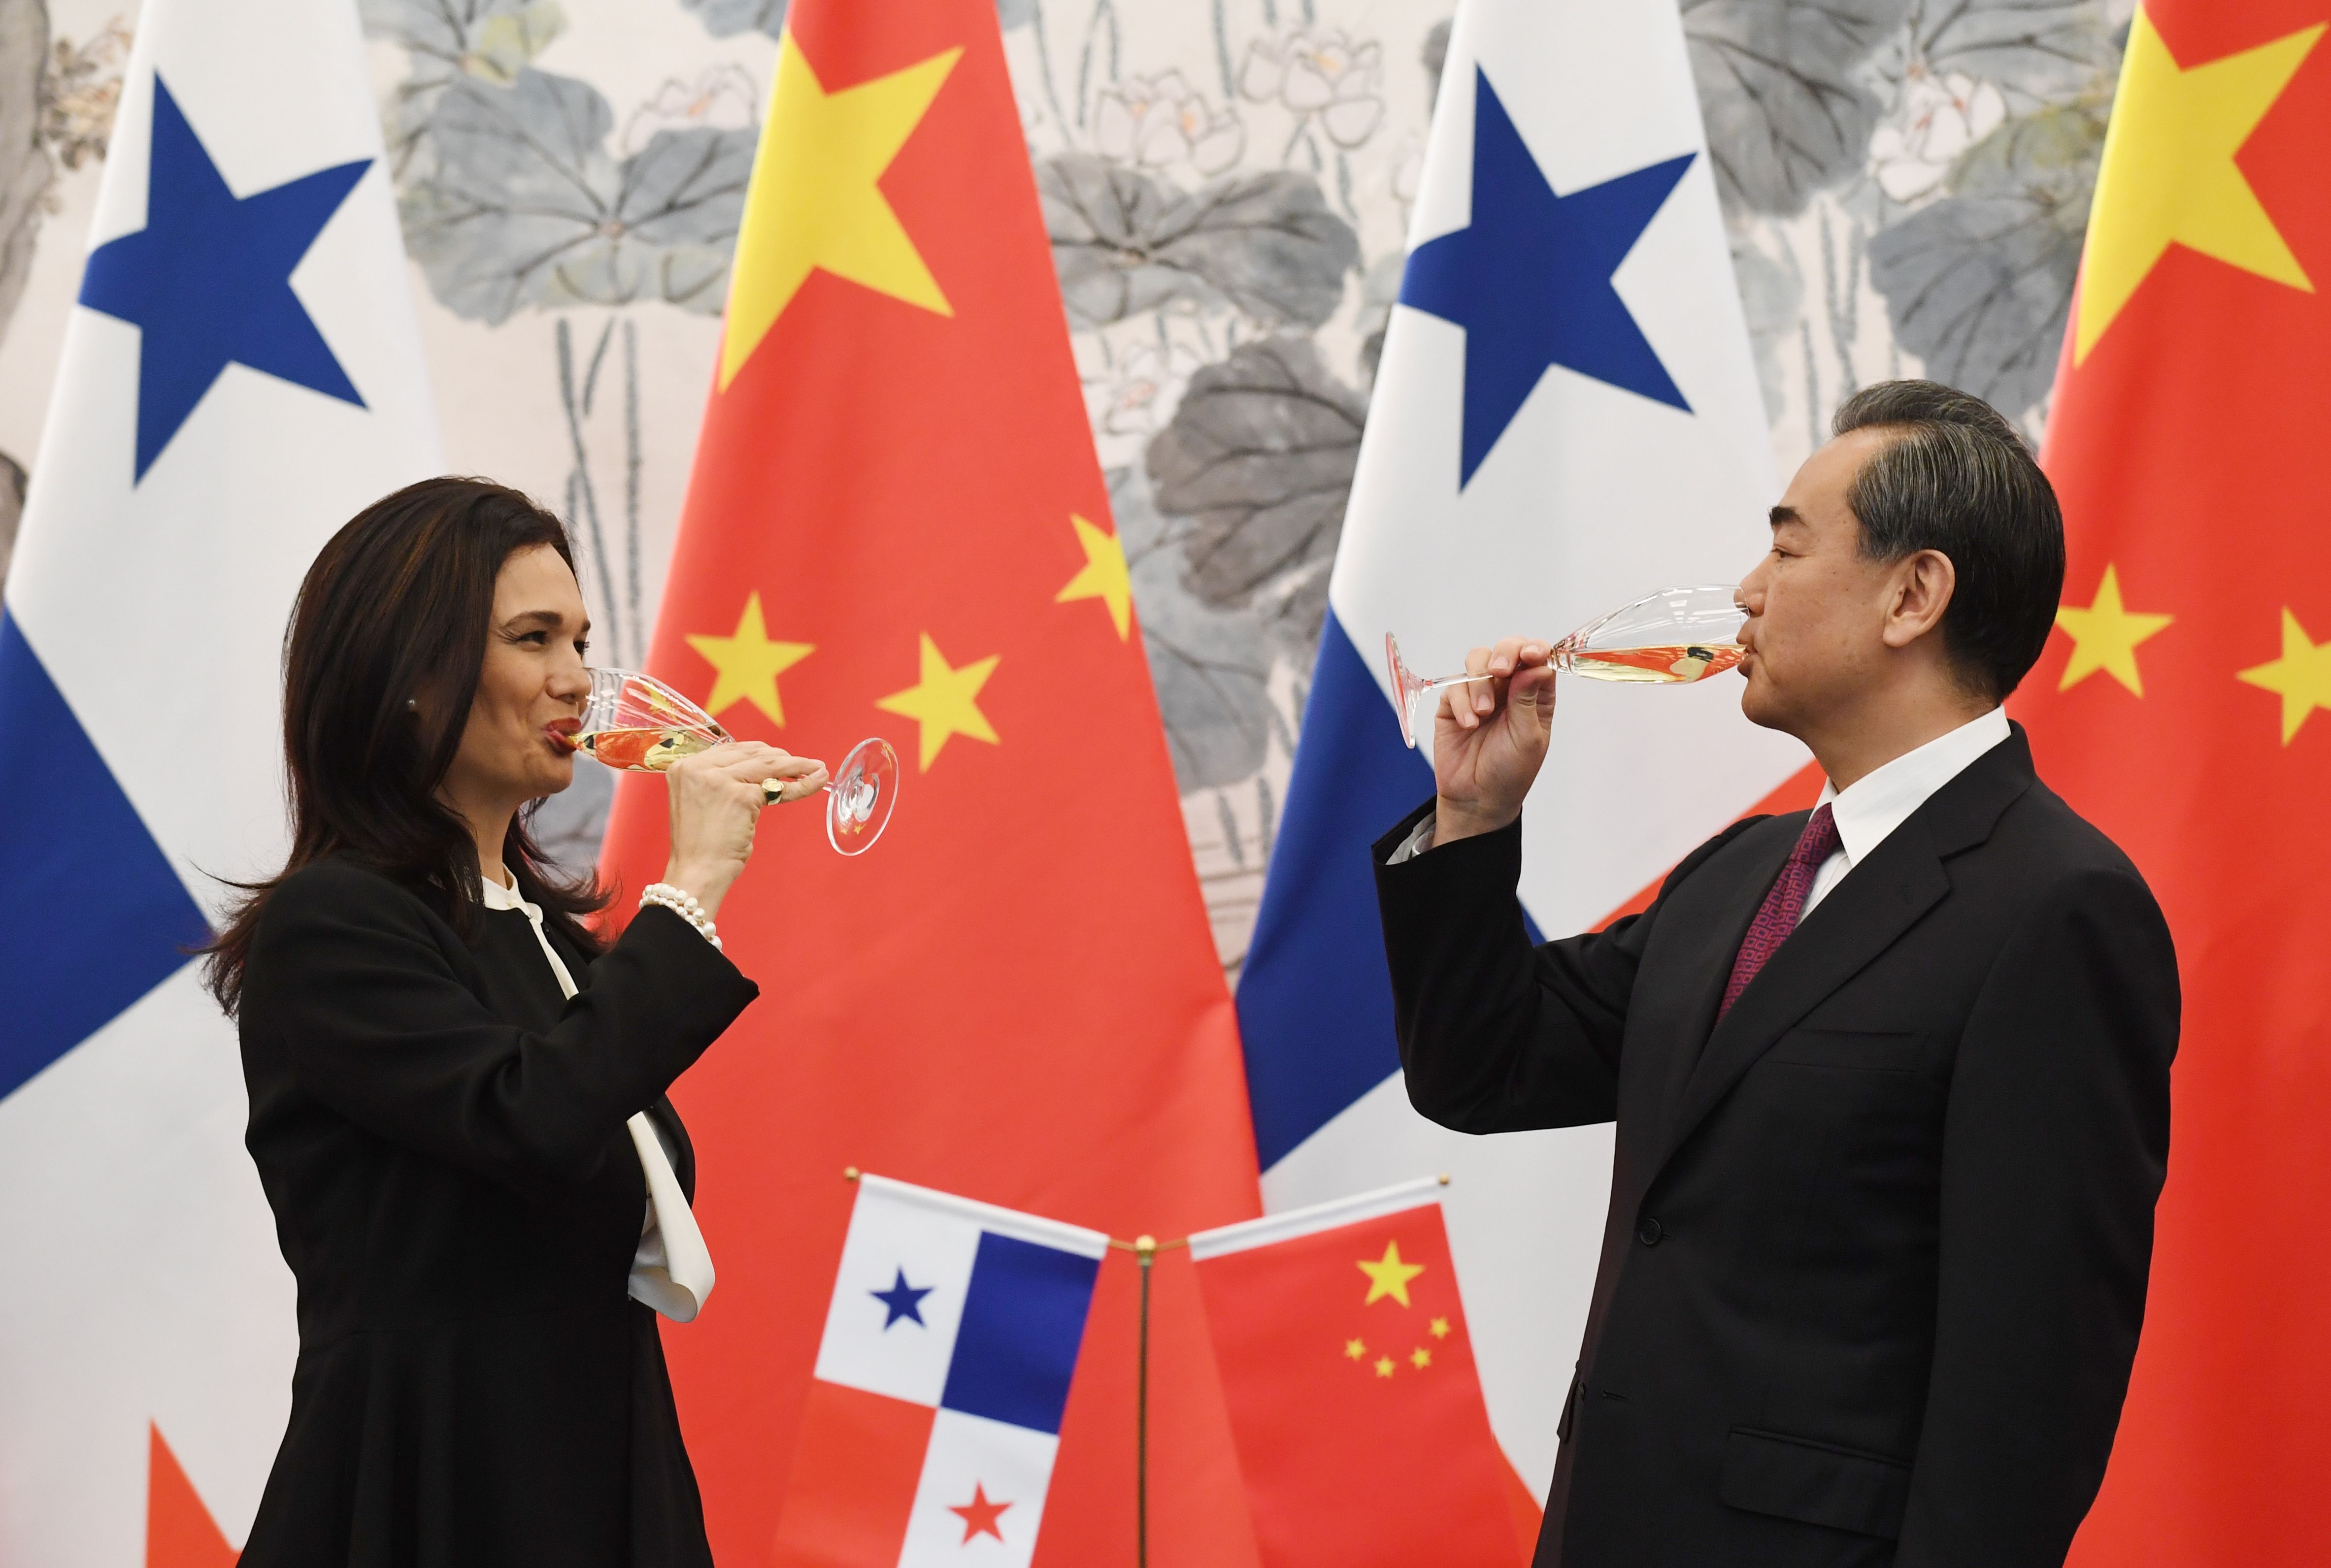 2017年6月13日,巴拿馬副總統兼外交部長德聖馬洛與中國外交部長王毅在北京簽訂外交協議,並在席間舉杯暢飲。